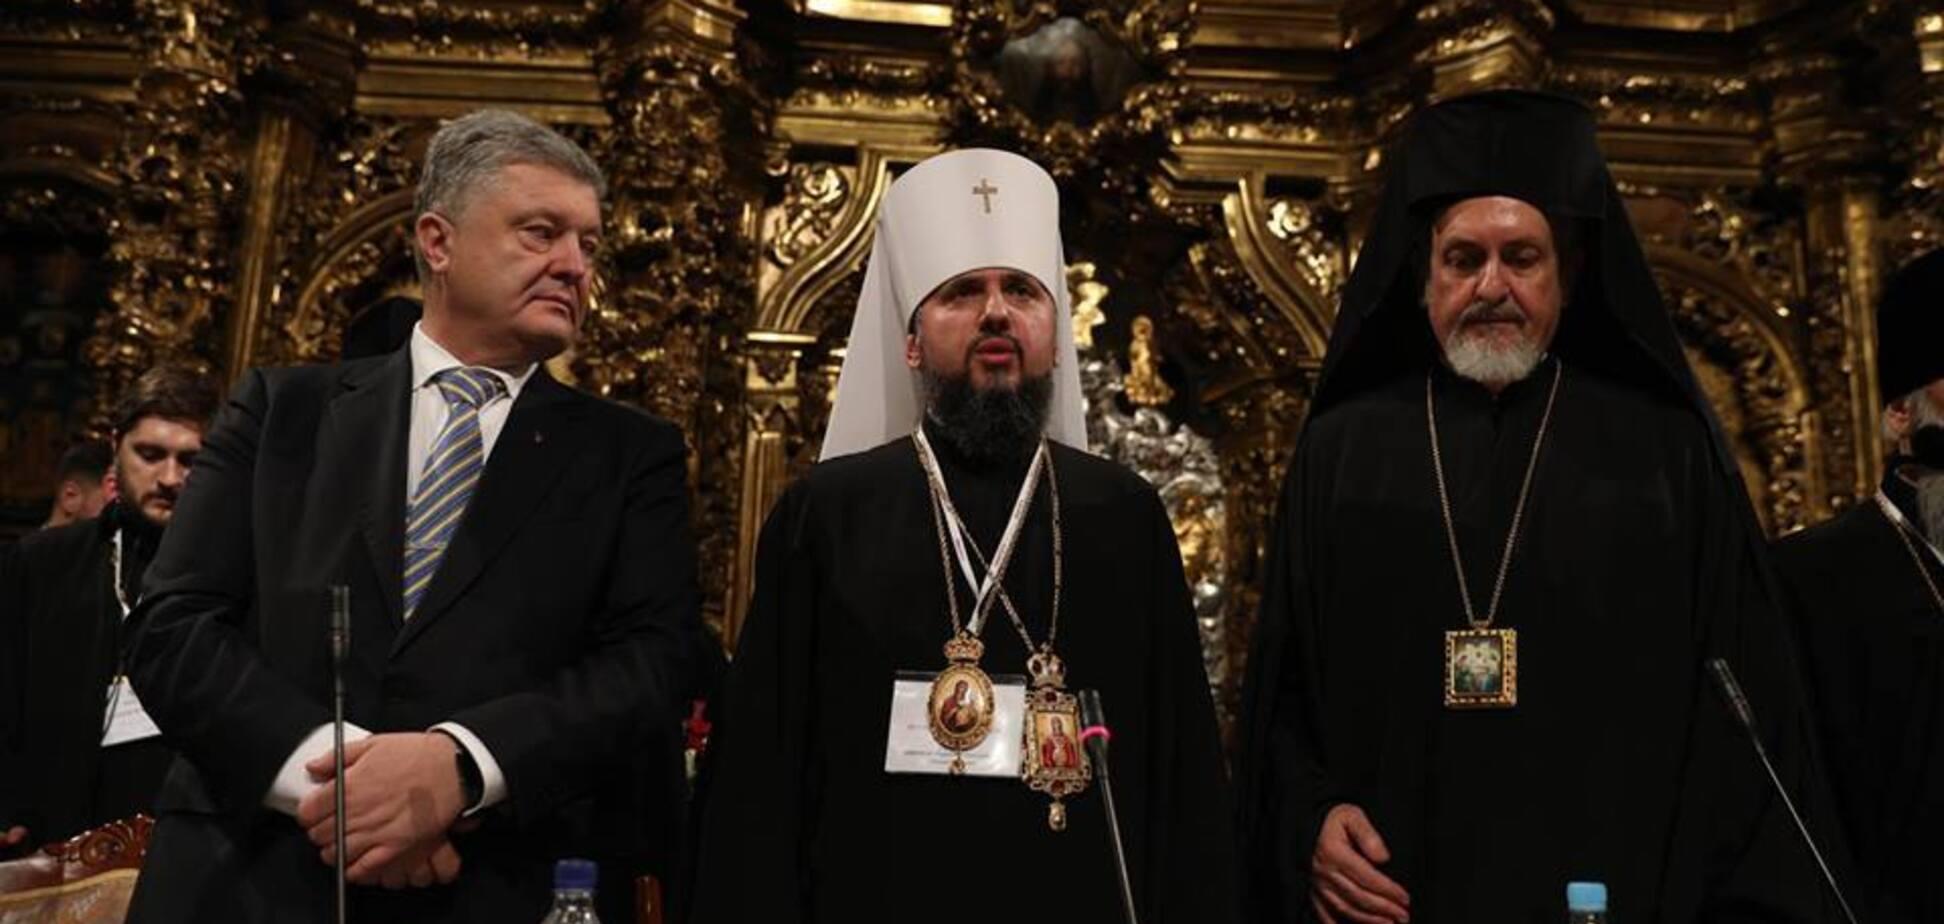 Єдина церква в Україні: США зробили заяву